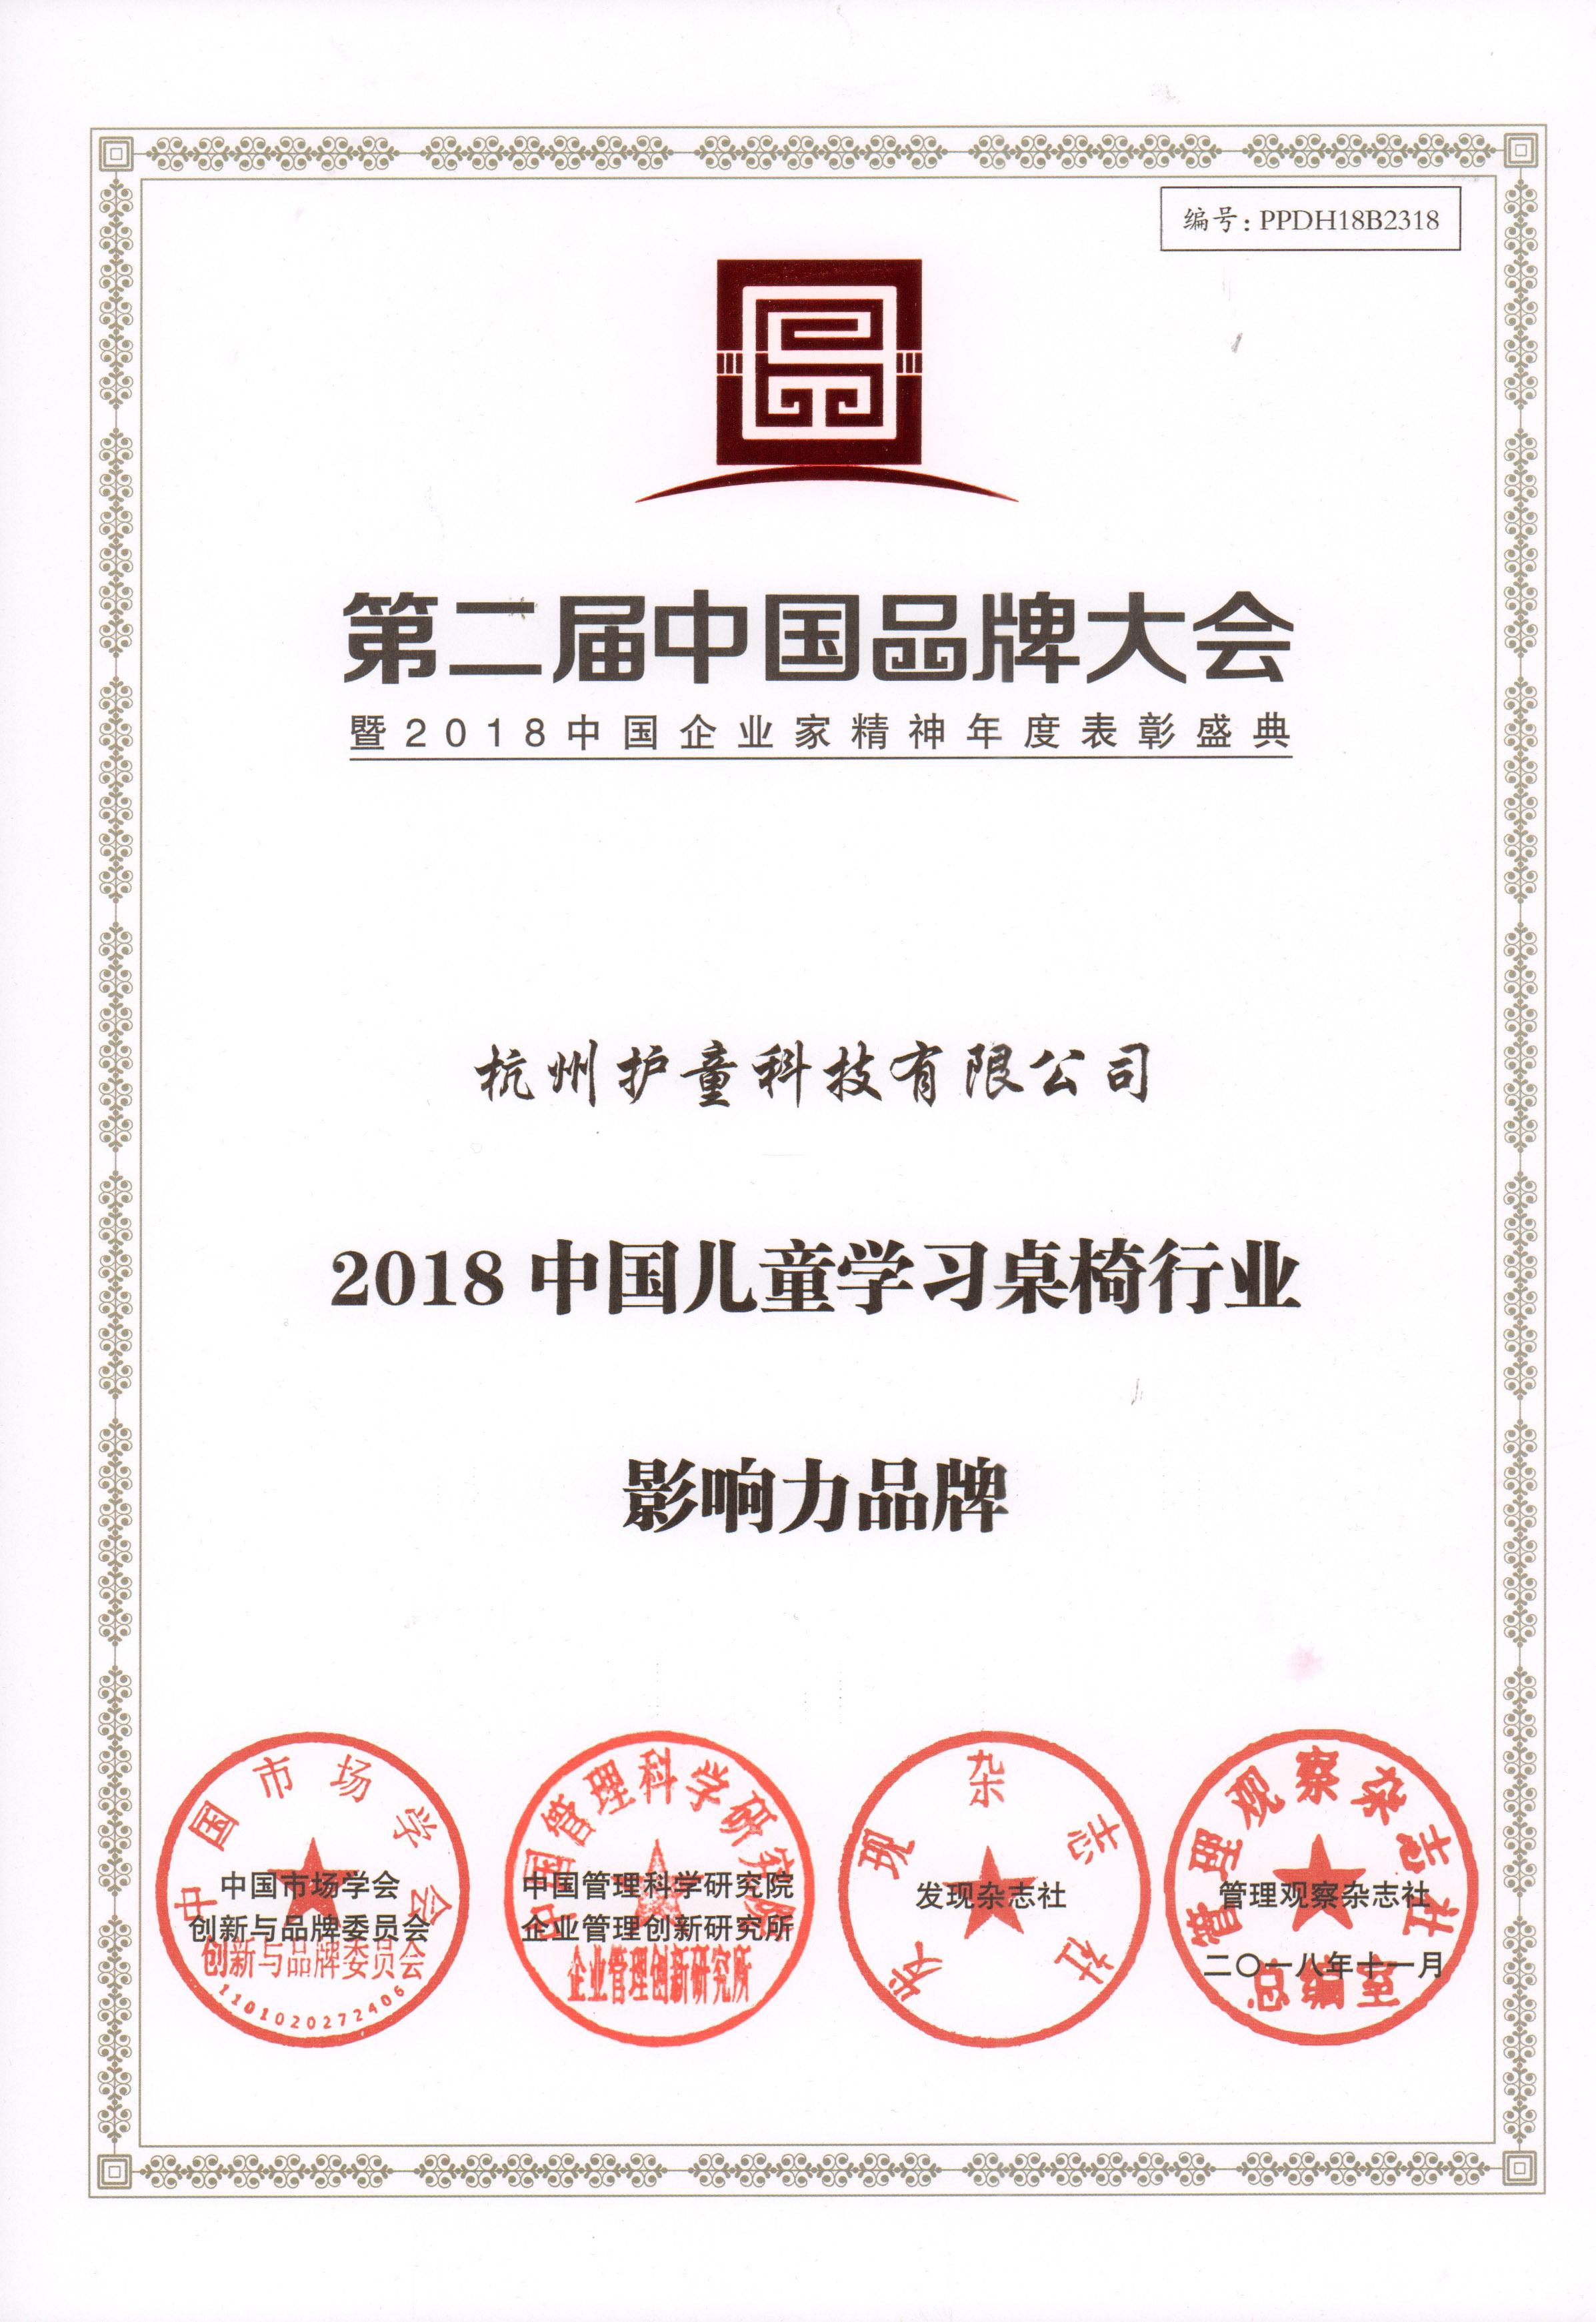 第二届中国品牌大会在京举行  护童斩获两大奖项